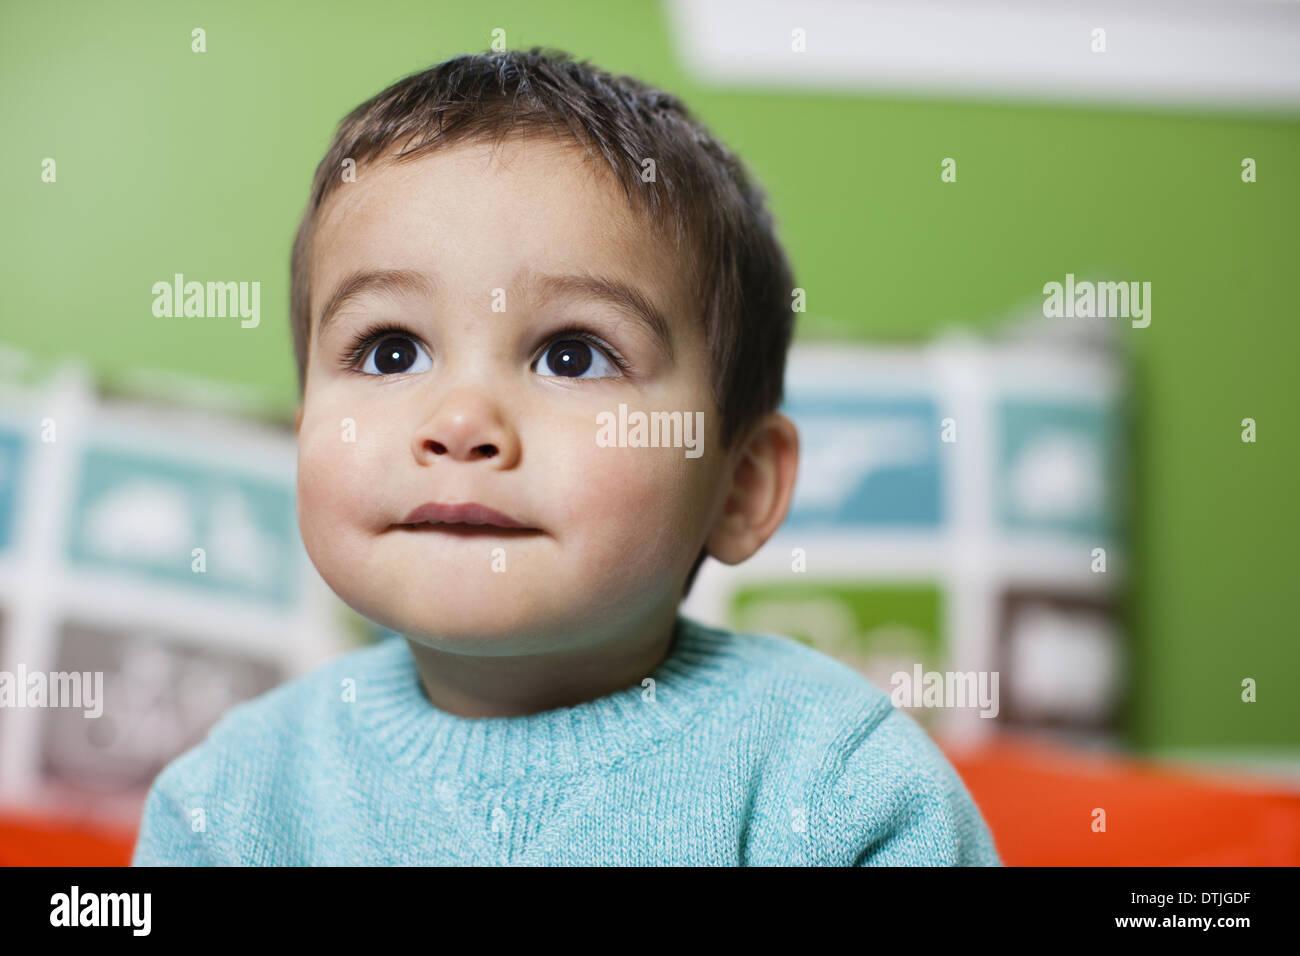 Ein kleiner Junge mit einem ängstlichen Ausdruck auf seinem Gesicht Pennsylvania USA nachschlagen Stockbild